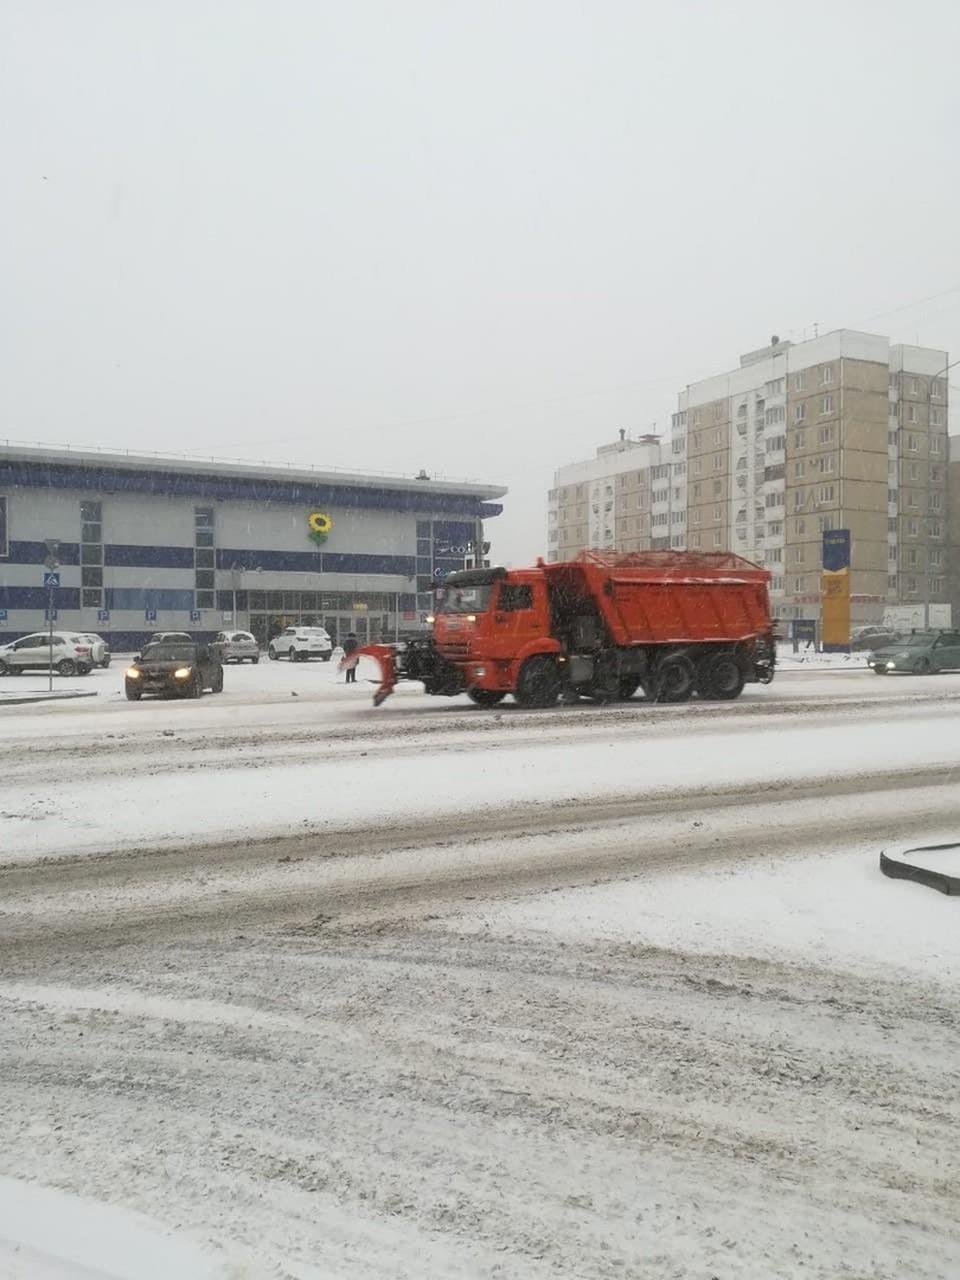 На уборку Белгорода от снега вышло 275 человек и 85 единиц техники. Фото со страницы ВКонтакте мэра Белгорода Юрия Галдуна